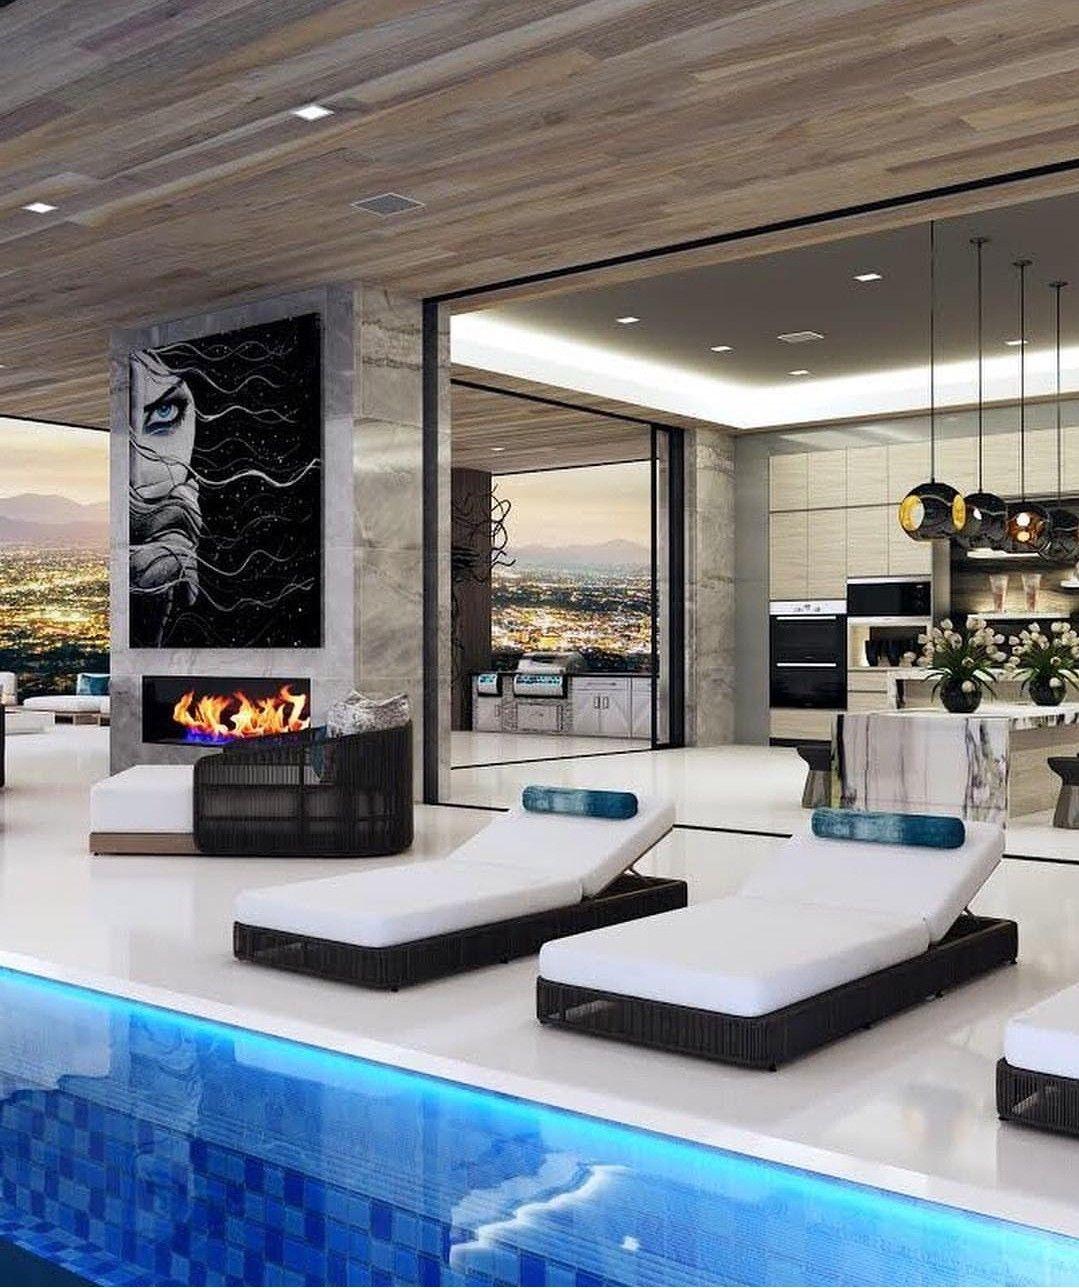 Pin By Melonpoppin On D R E A M H O M E Moroccan Home Decor Home Decor Online Interior Design Apps